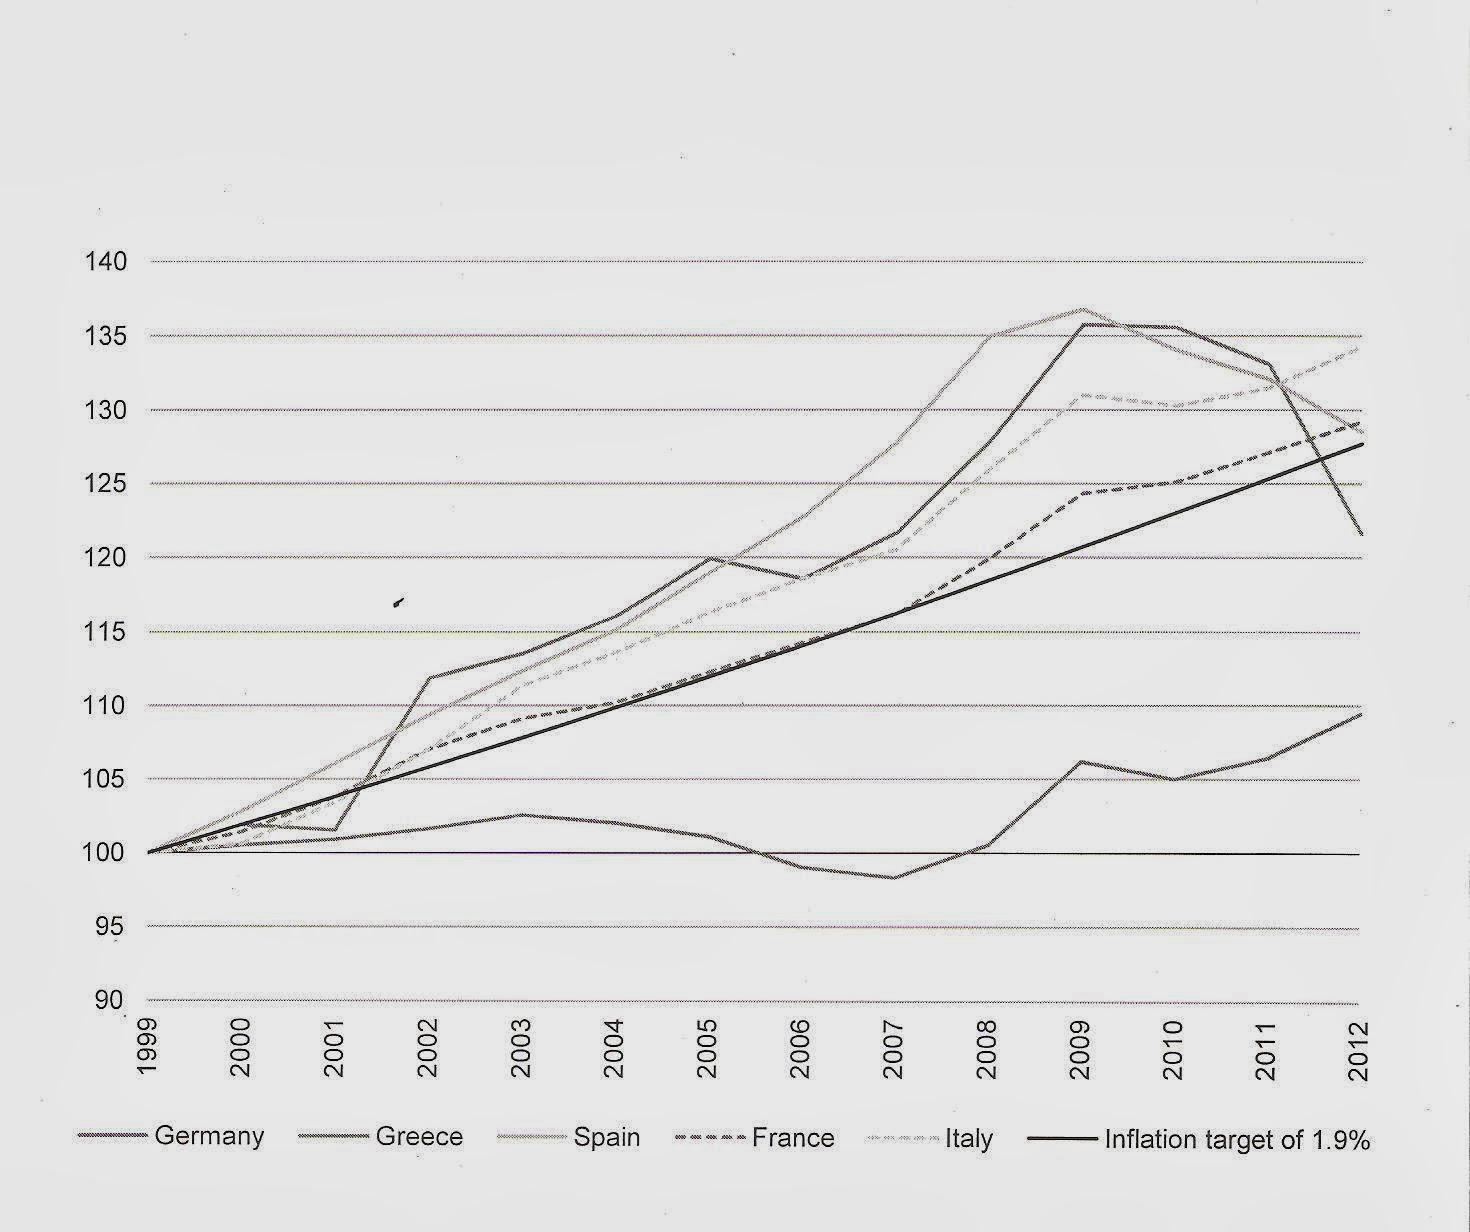 ονομαστικό-μοναδιαίο-κόστος-εργασίας-ευρωζώνη